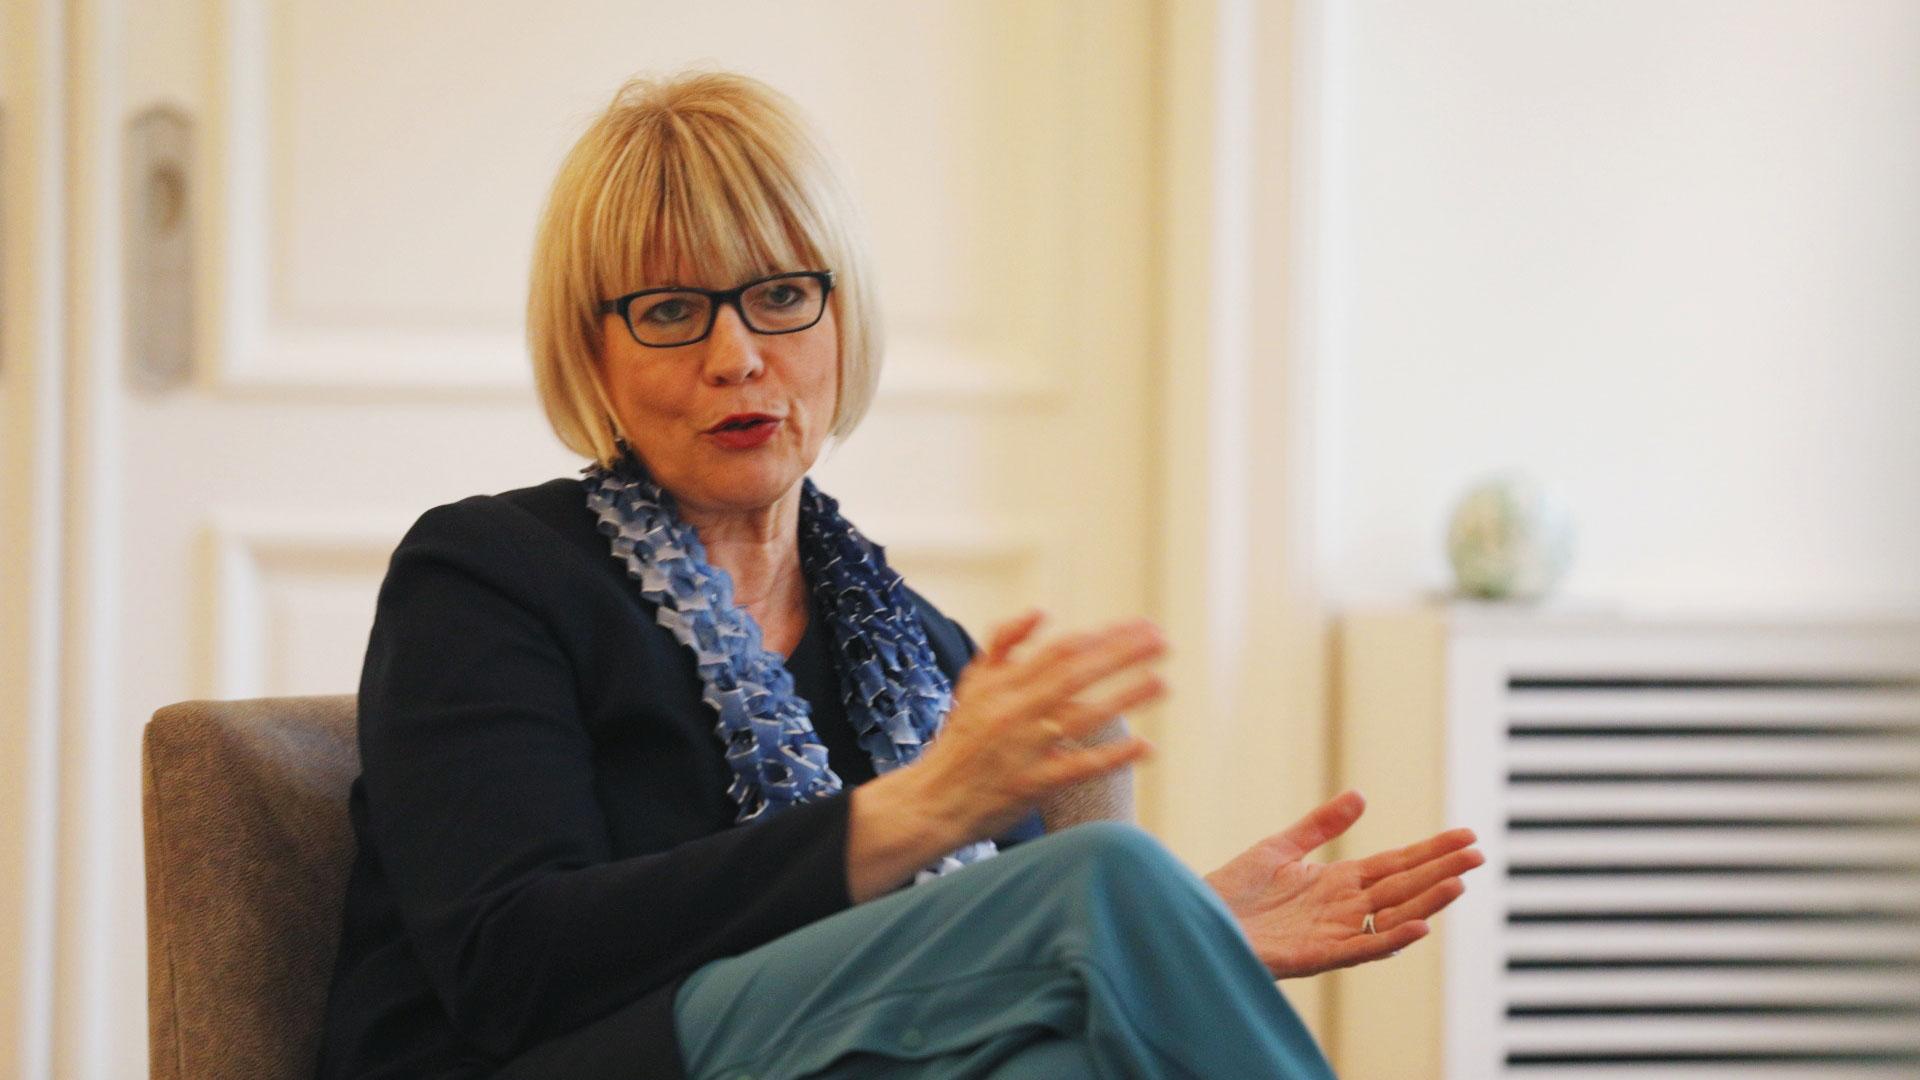 Helga Schmid, Secretari General del Servicio Europeo de Acción Exterior en la Unión Europea